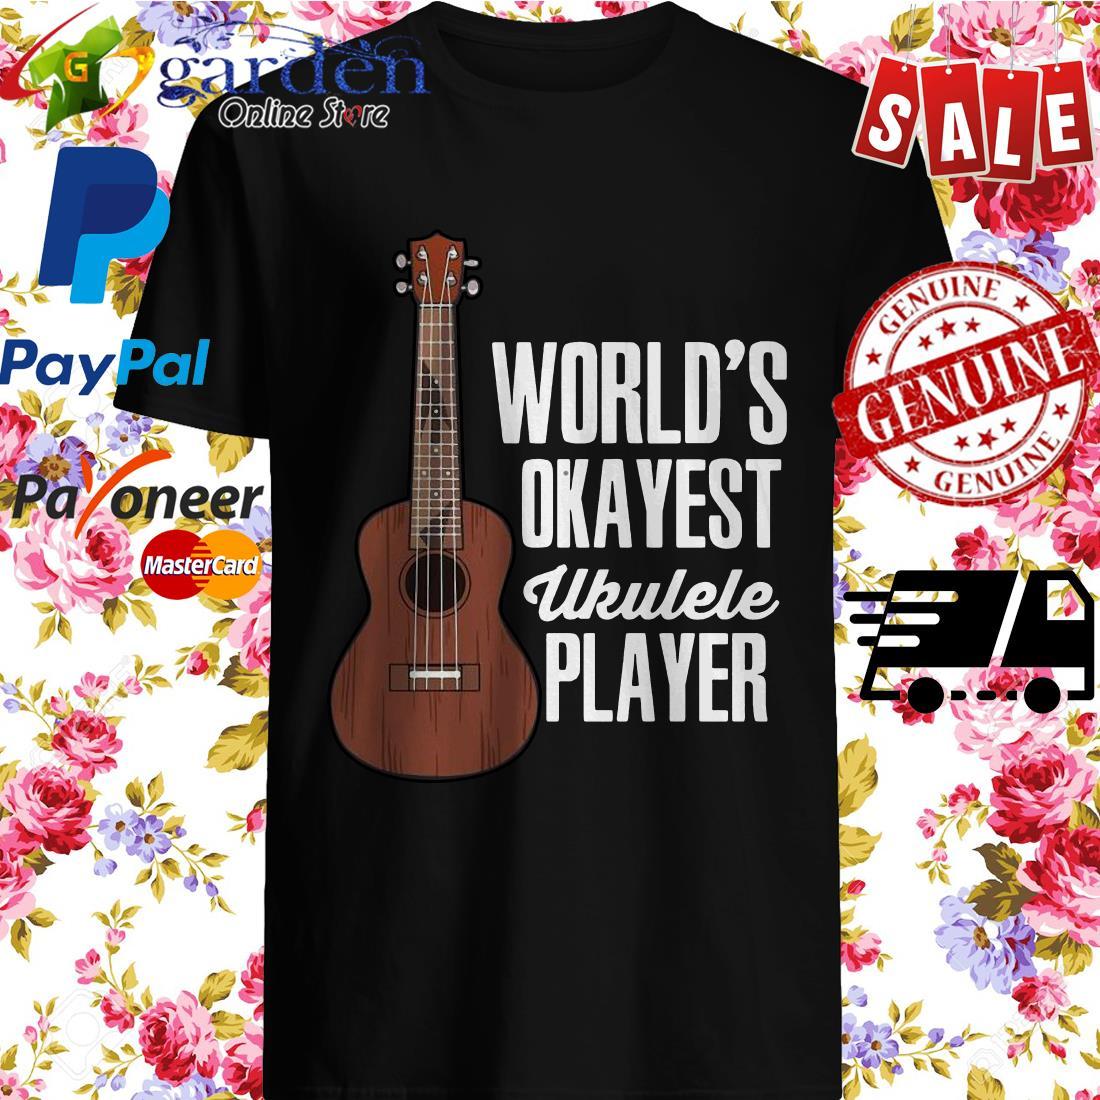 World's Okayest Ukulele Player Shirt